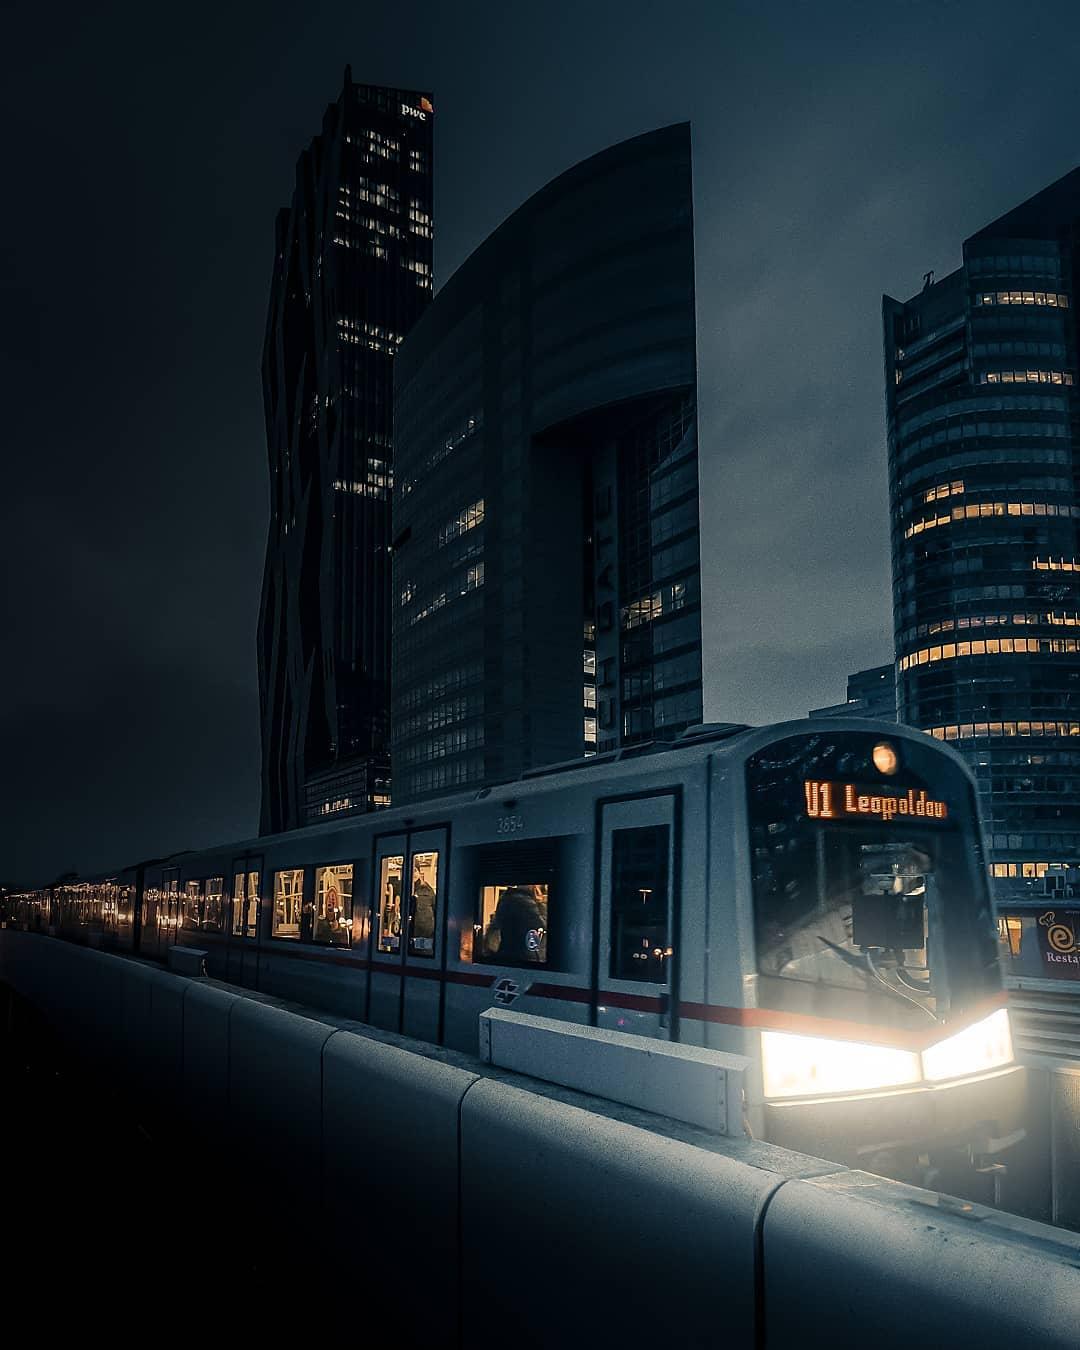 Города нашей планеты на атмосферных уличных снимках Кевина Хуфнагла города,тревел-фото,улицы